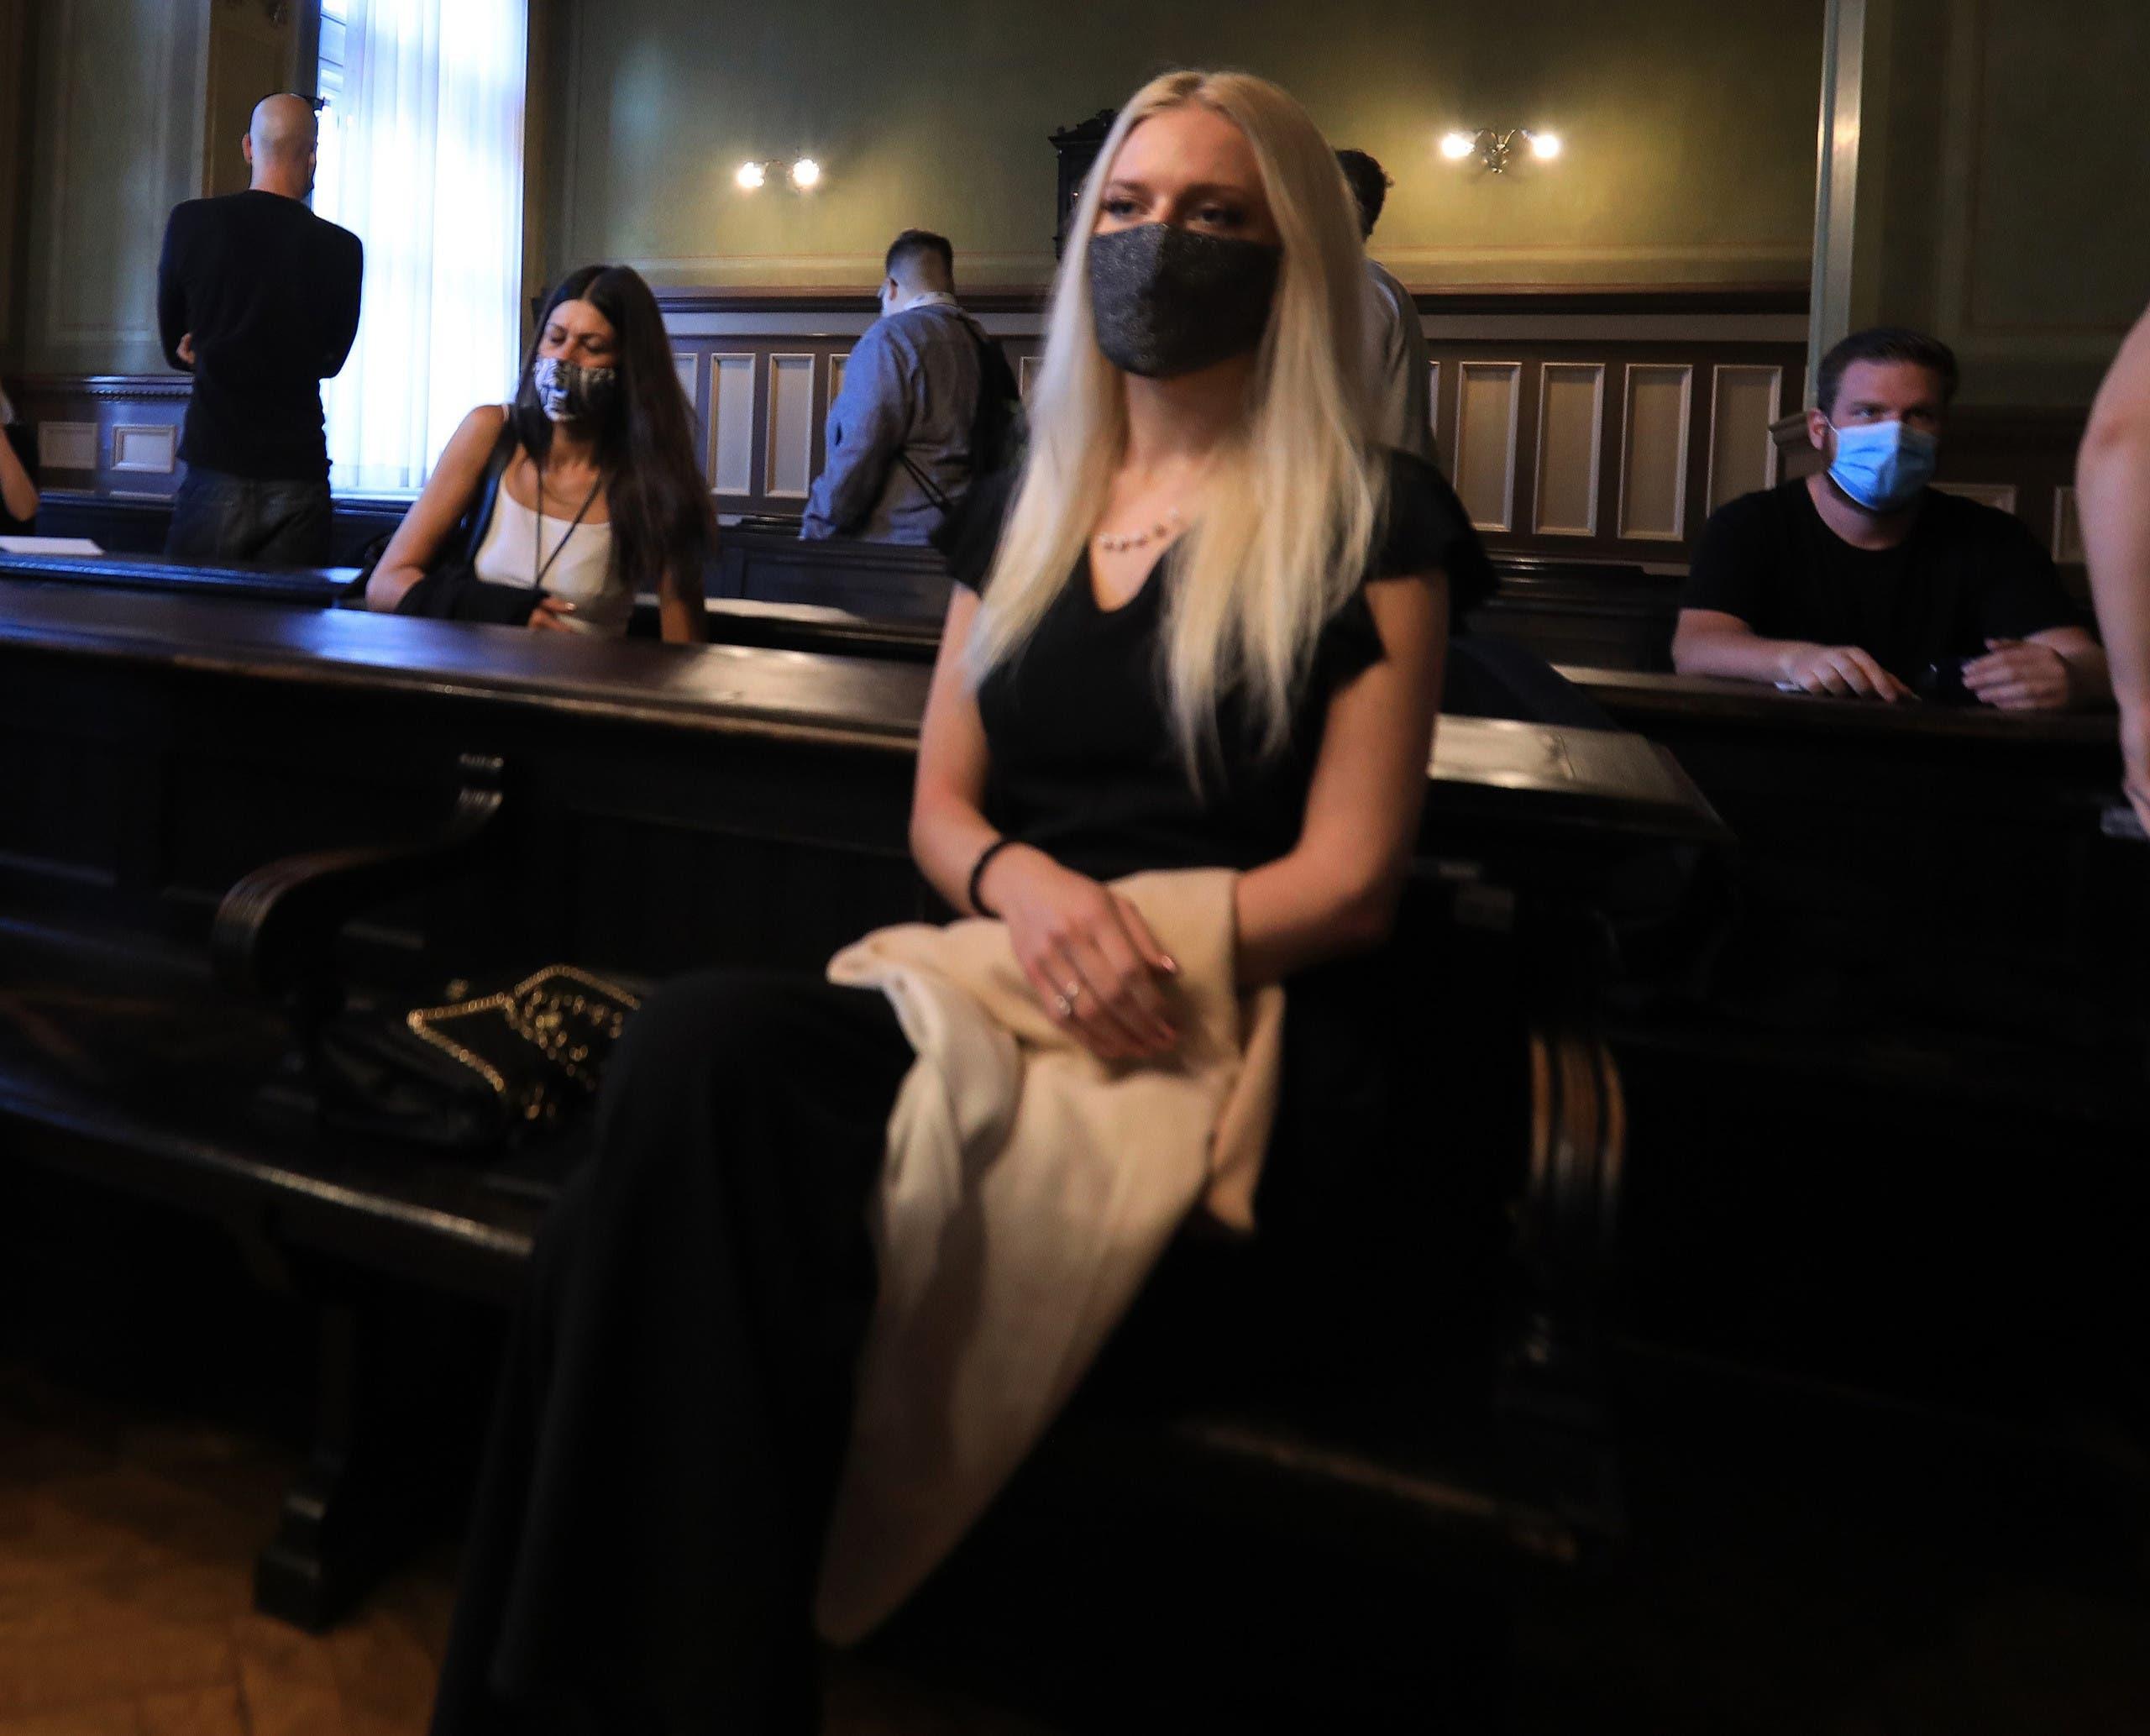 يوليا أدليزيتش تجبئ يدها خلال المحاكمة